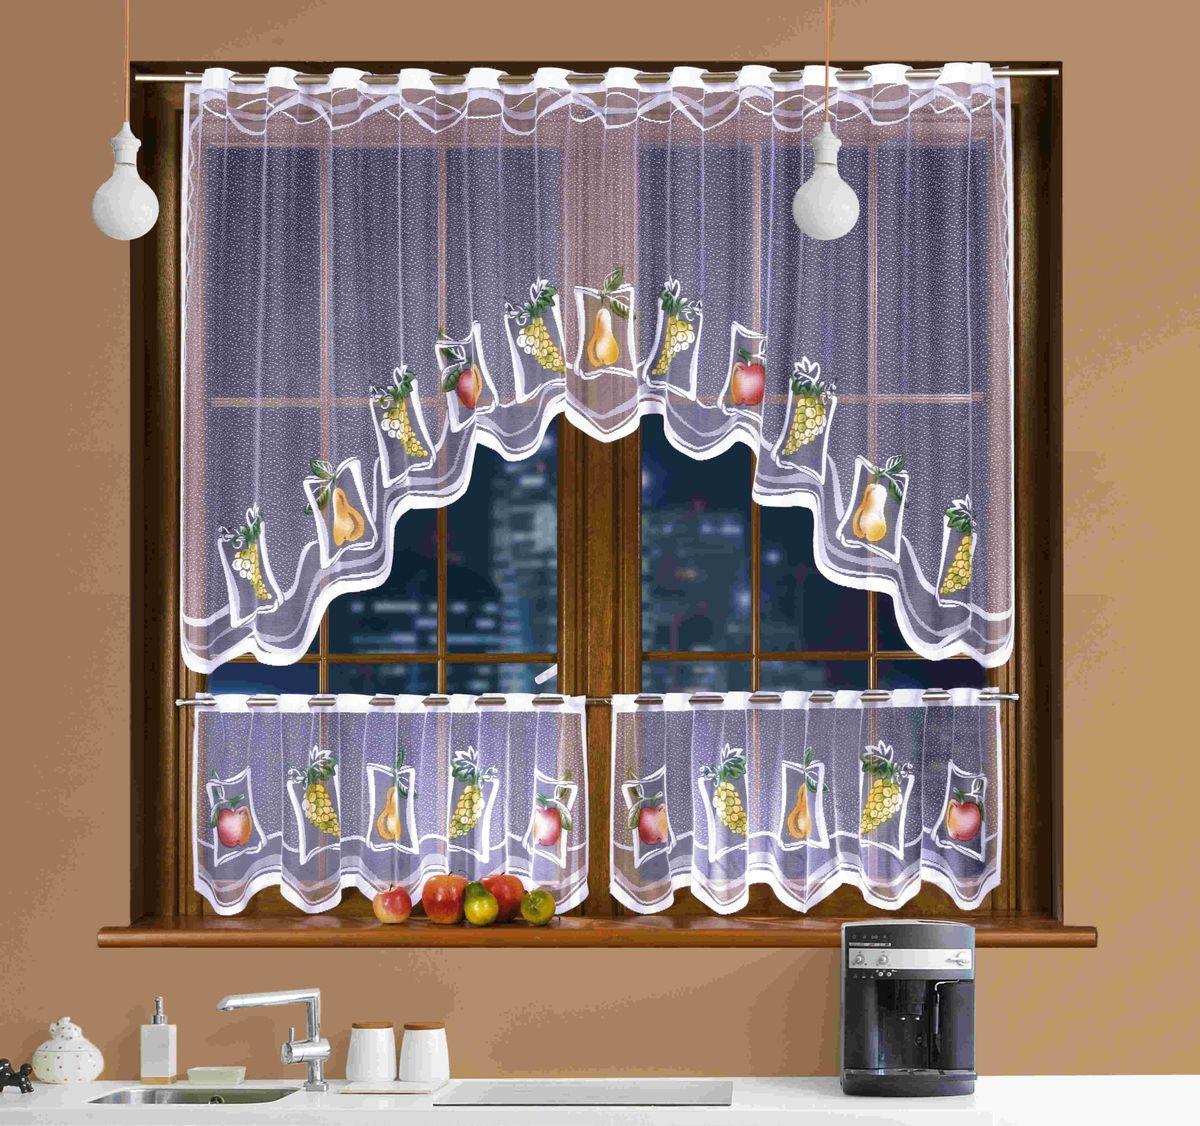 Комплект штор для кухни Wisan Martynika, на кулиске, цвет: белый, высота 250 смС W1938 crush V6Комплект штор Wisan Martynika, выполненный из легкого полиэстера белого цвета, станет великолепным украшением кухонного окна. В набор входит шторка и два ламбрекена для нижних створок окна. Тонкое плетение и нежная цветовая гамма привлекут внимание и органично впишутся в интерьер кухни. Штора и ламбрекены оснащены кулиской для размещения на круглом карнизе. В комплект входит: Ламбрекен: 2 шт. Размер (Ш х В): 130 см х 45 см. Штора: 2 шт. Размер (Ш х В): 150 см х 240 см.Фирма Wisan на польском рынке существует уже более пятидесяти лет и является одной из лучших польских фабрик по производству штор и тканей. Ассортимент фирмы представлен готовыми комплектами штор для гостиной, детской, кухни, а также текстилем для кухни (скатерти, салфетки, дорожки, кухонные занавески). Модельный ряд отличает оригинальный дизайн, высокое качество. Ассортимент продукции постоянно пополняется.